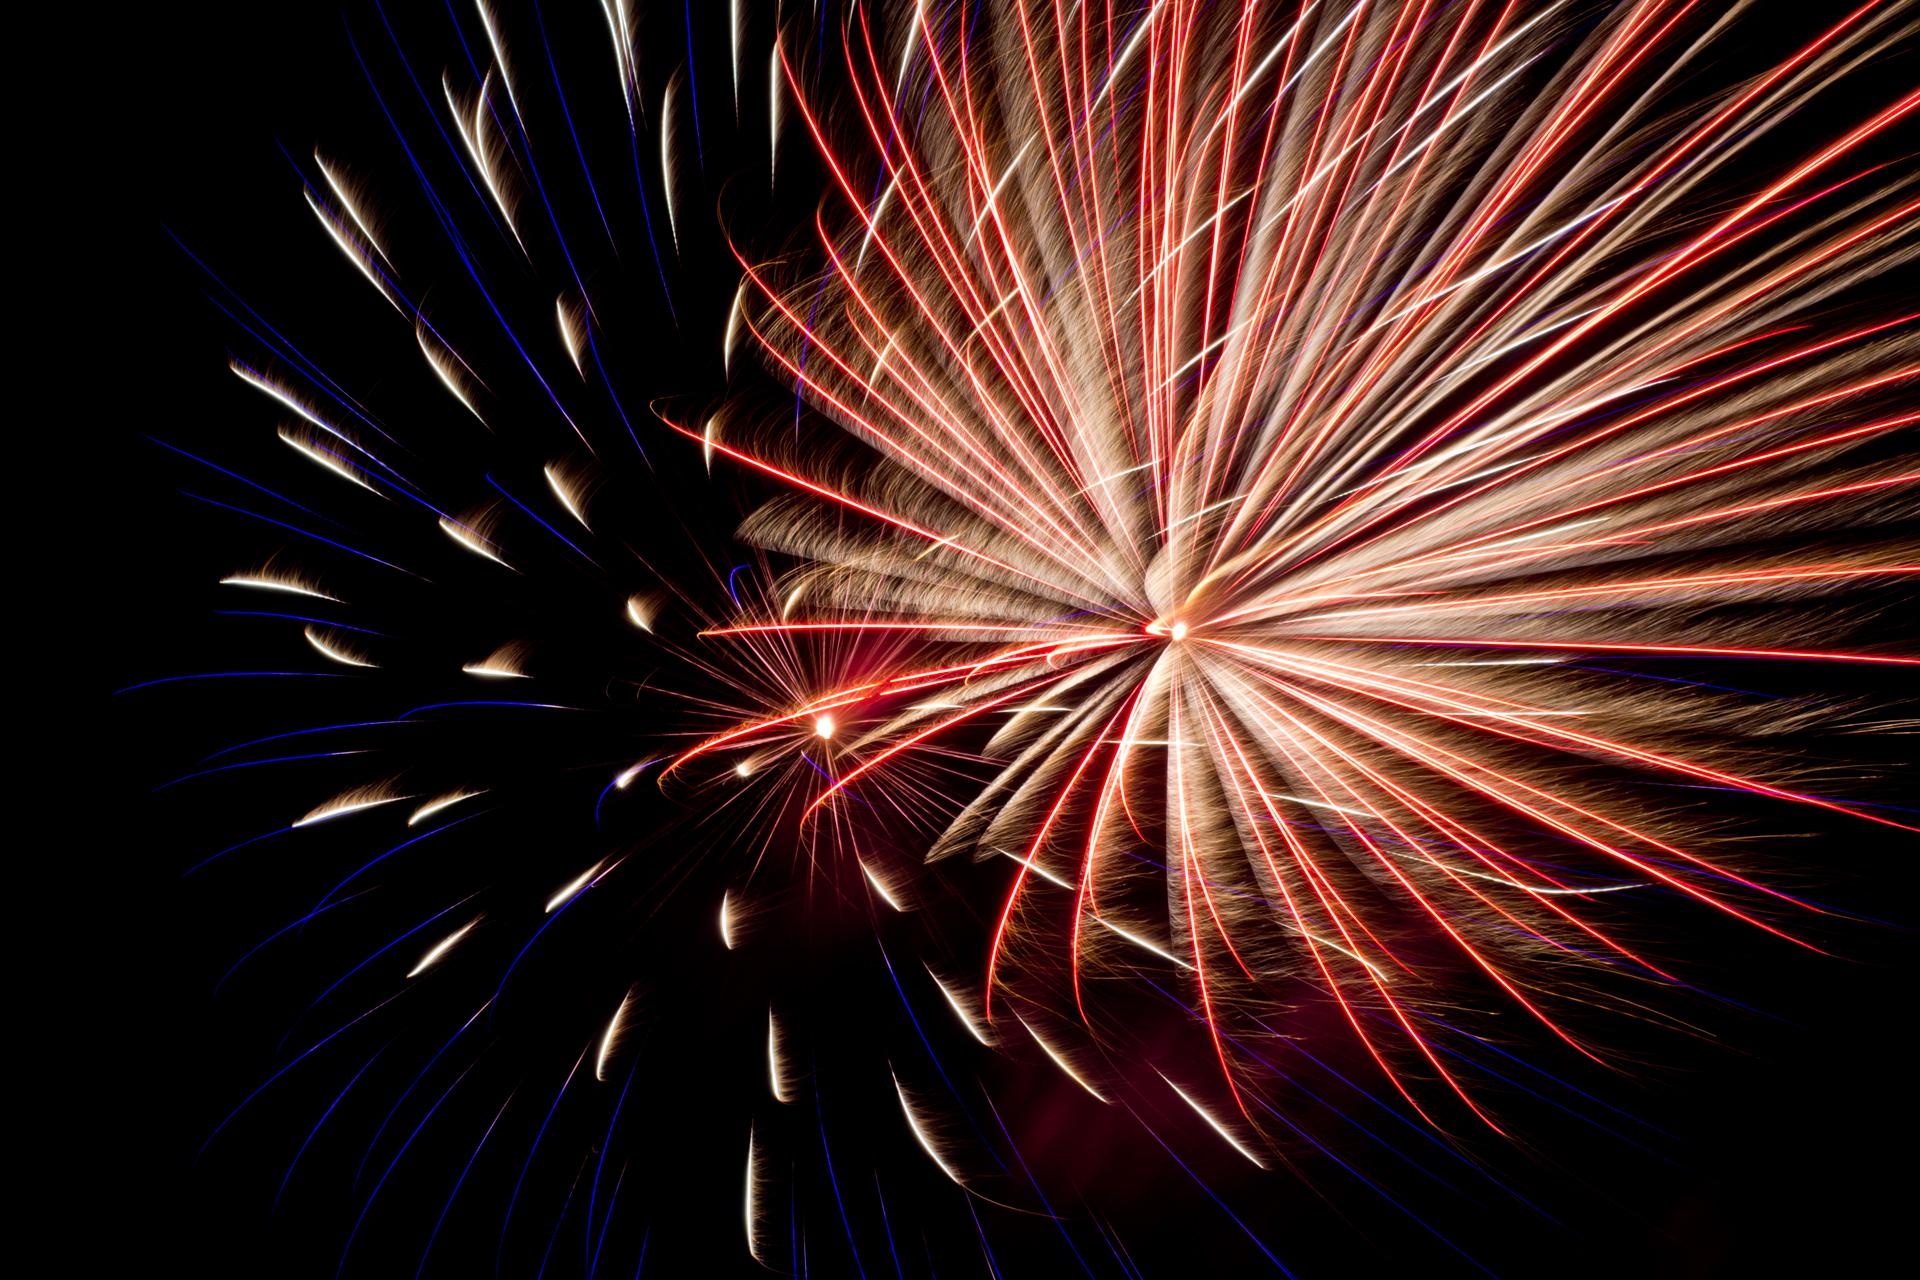 Fireworks1_IMG_2662.jpg